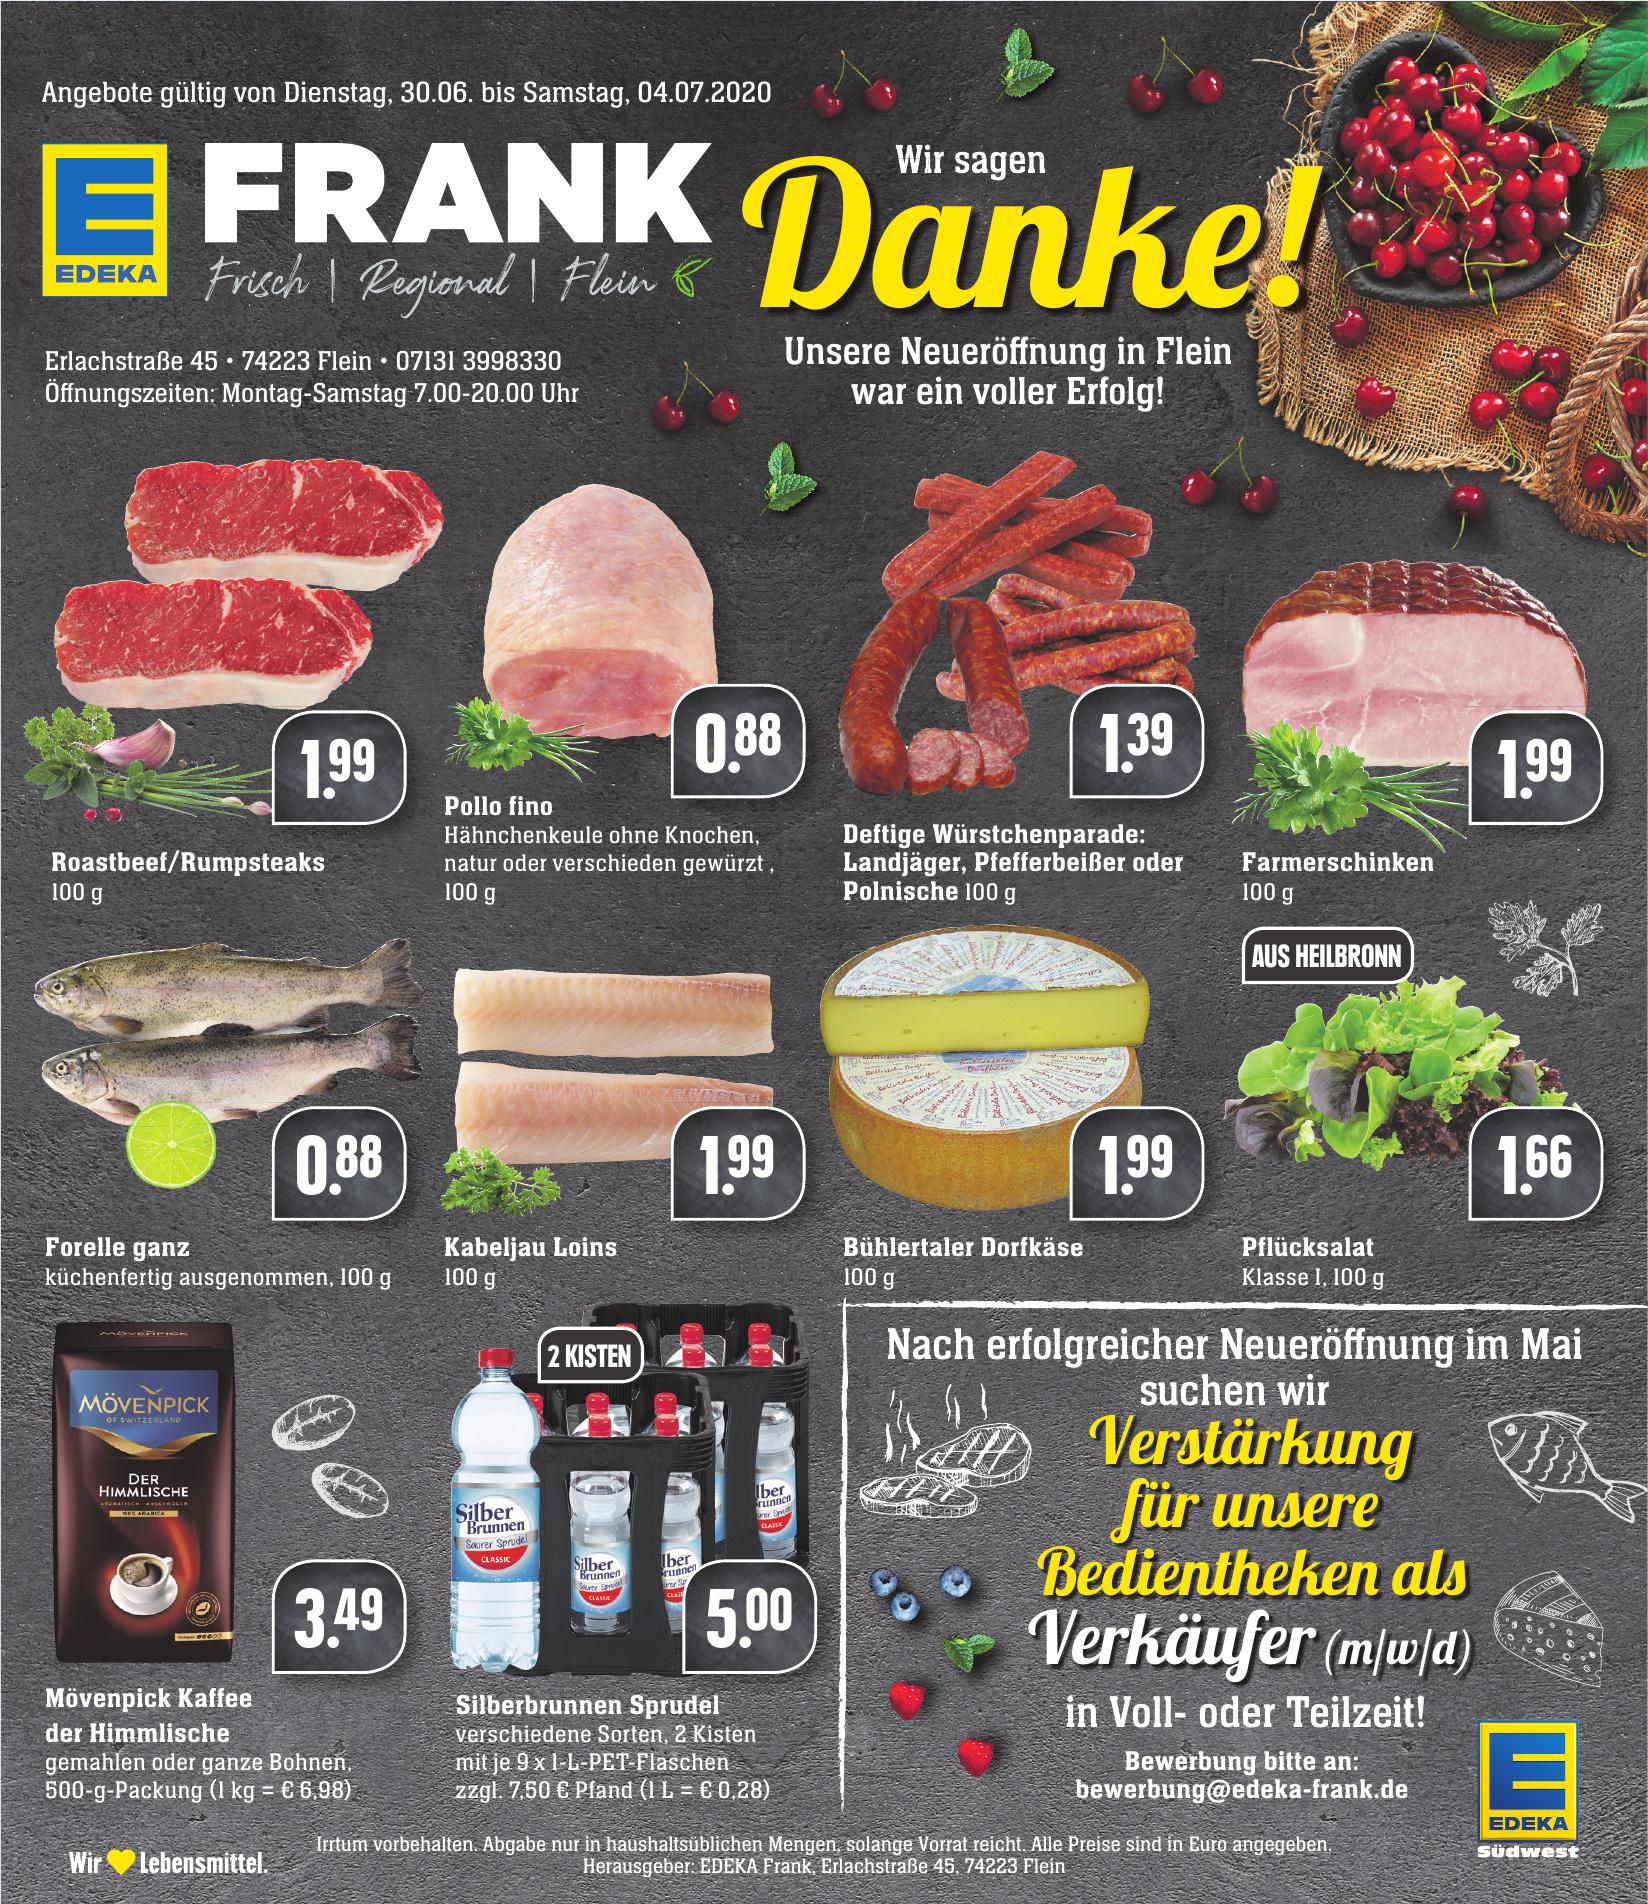 Edeka Frank